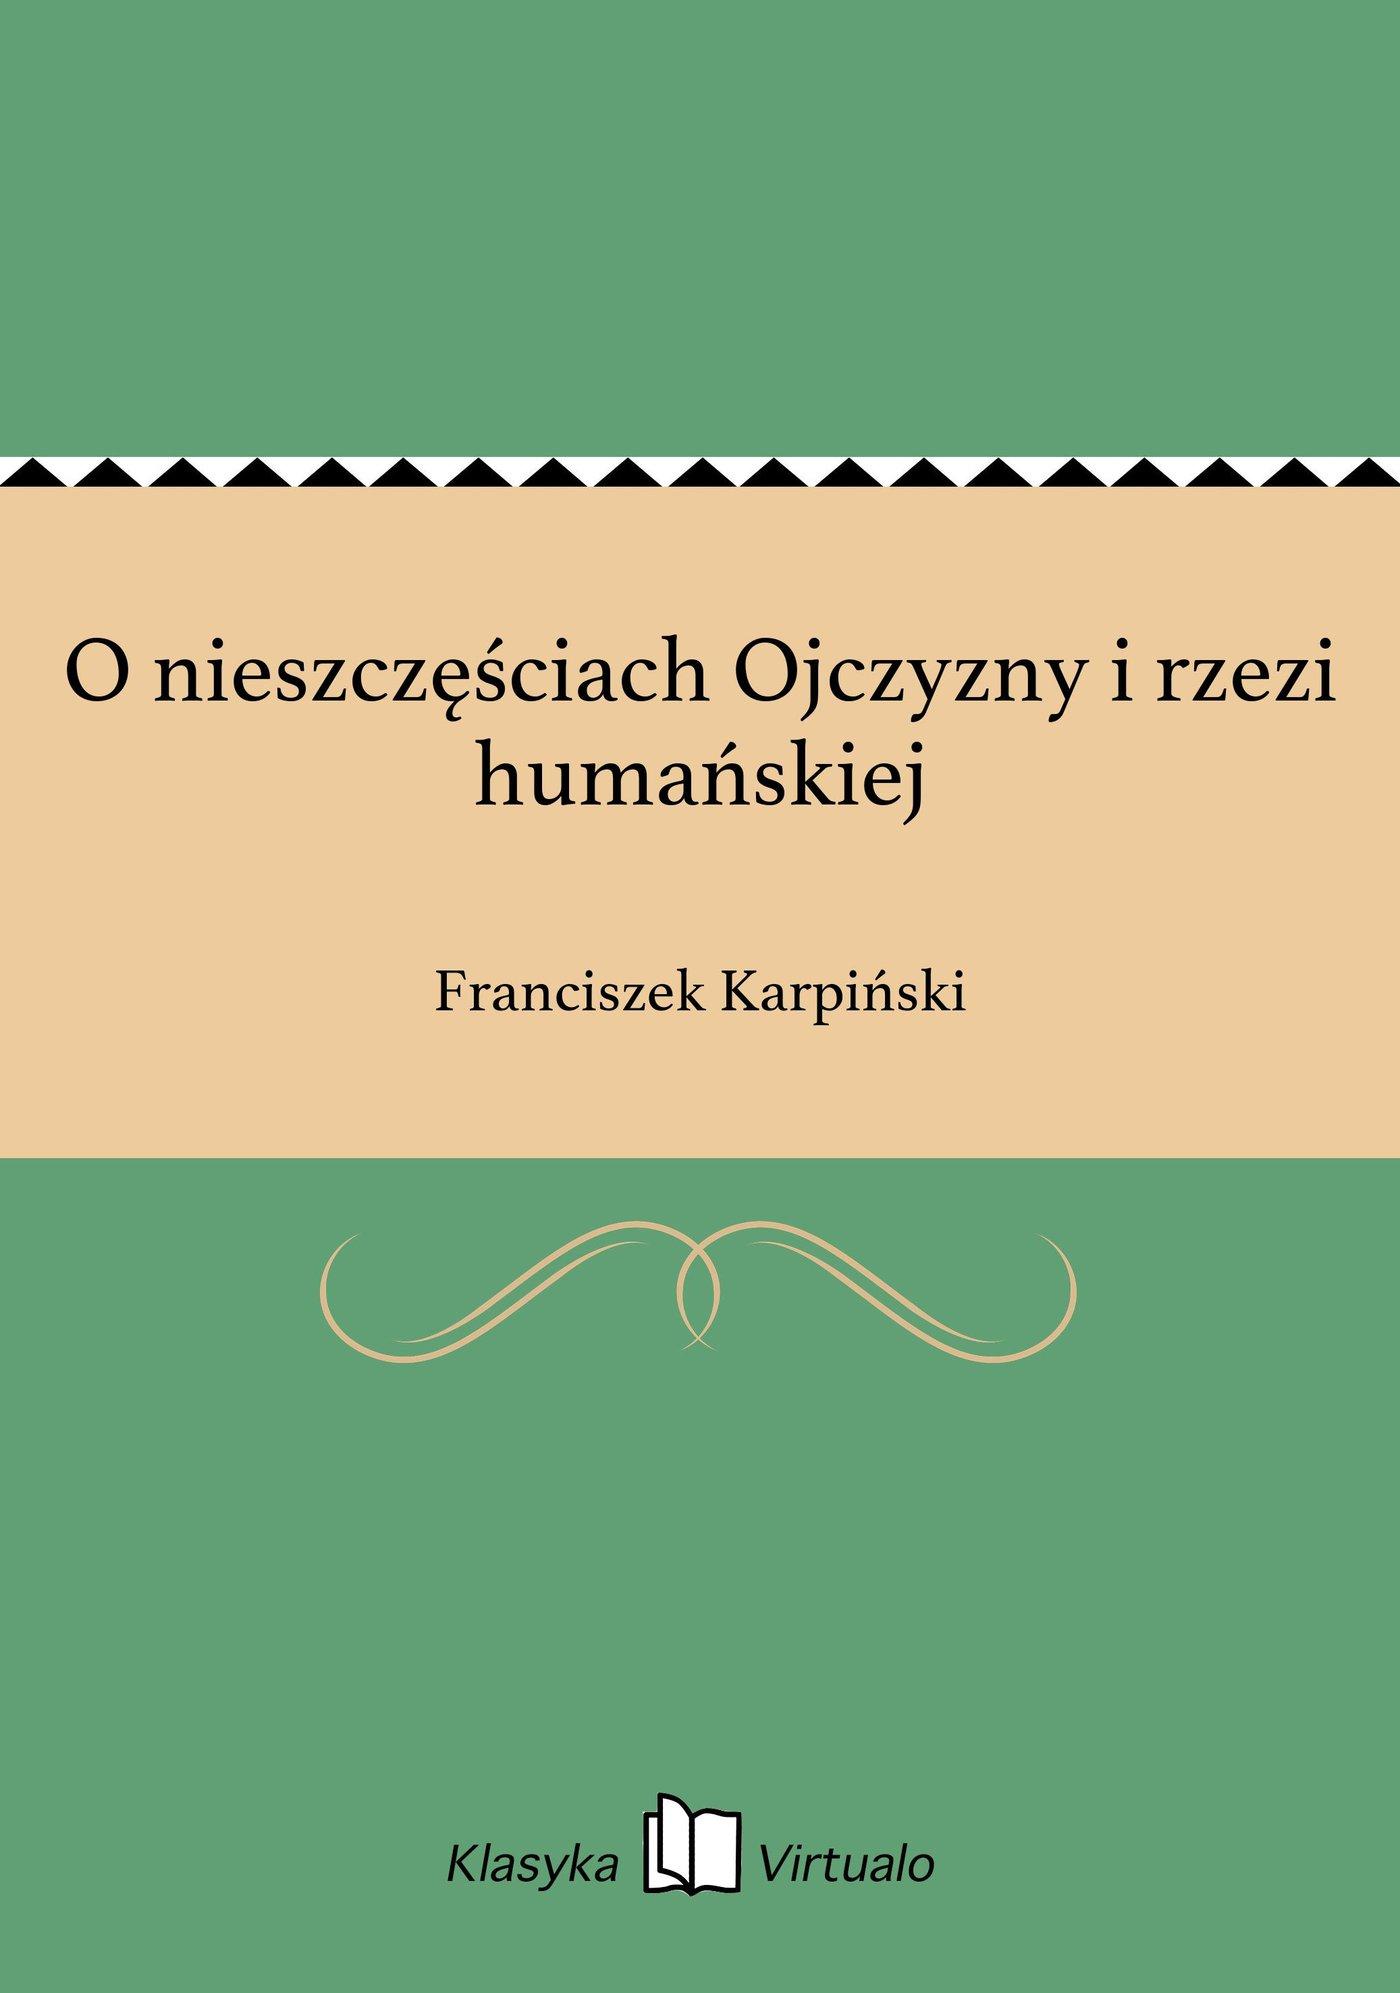 O nieszczęściach Ojczyzny i rzezi humańskiej - Ebook (Książka EPUB) do pobrania w formacie EPUB